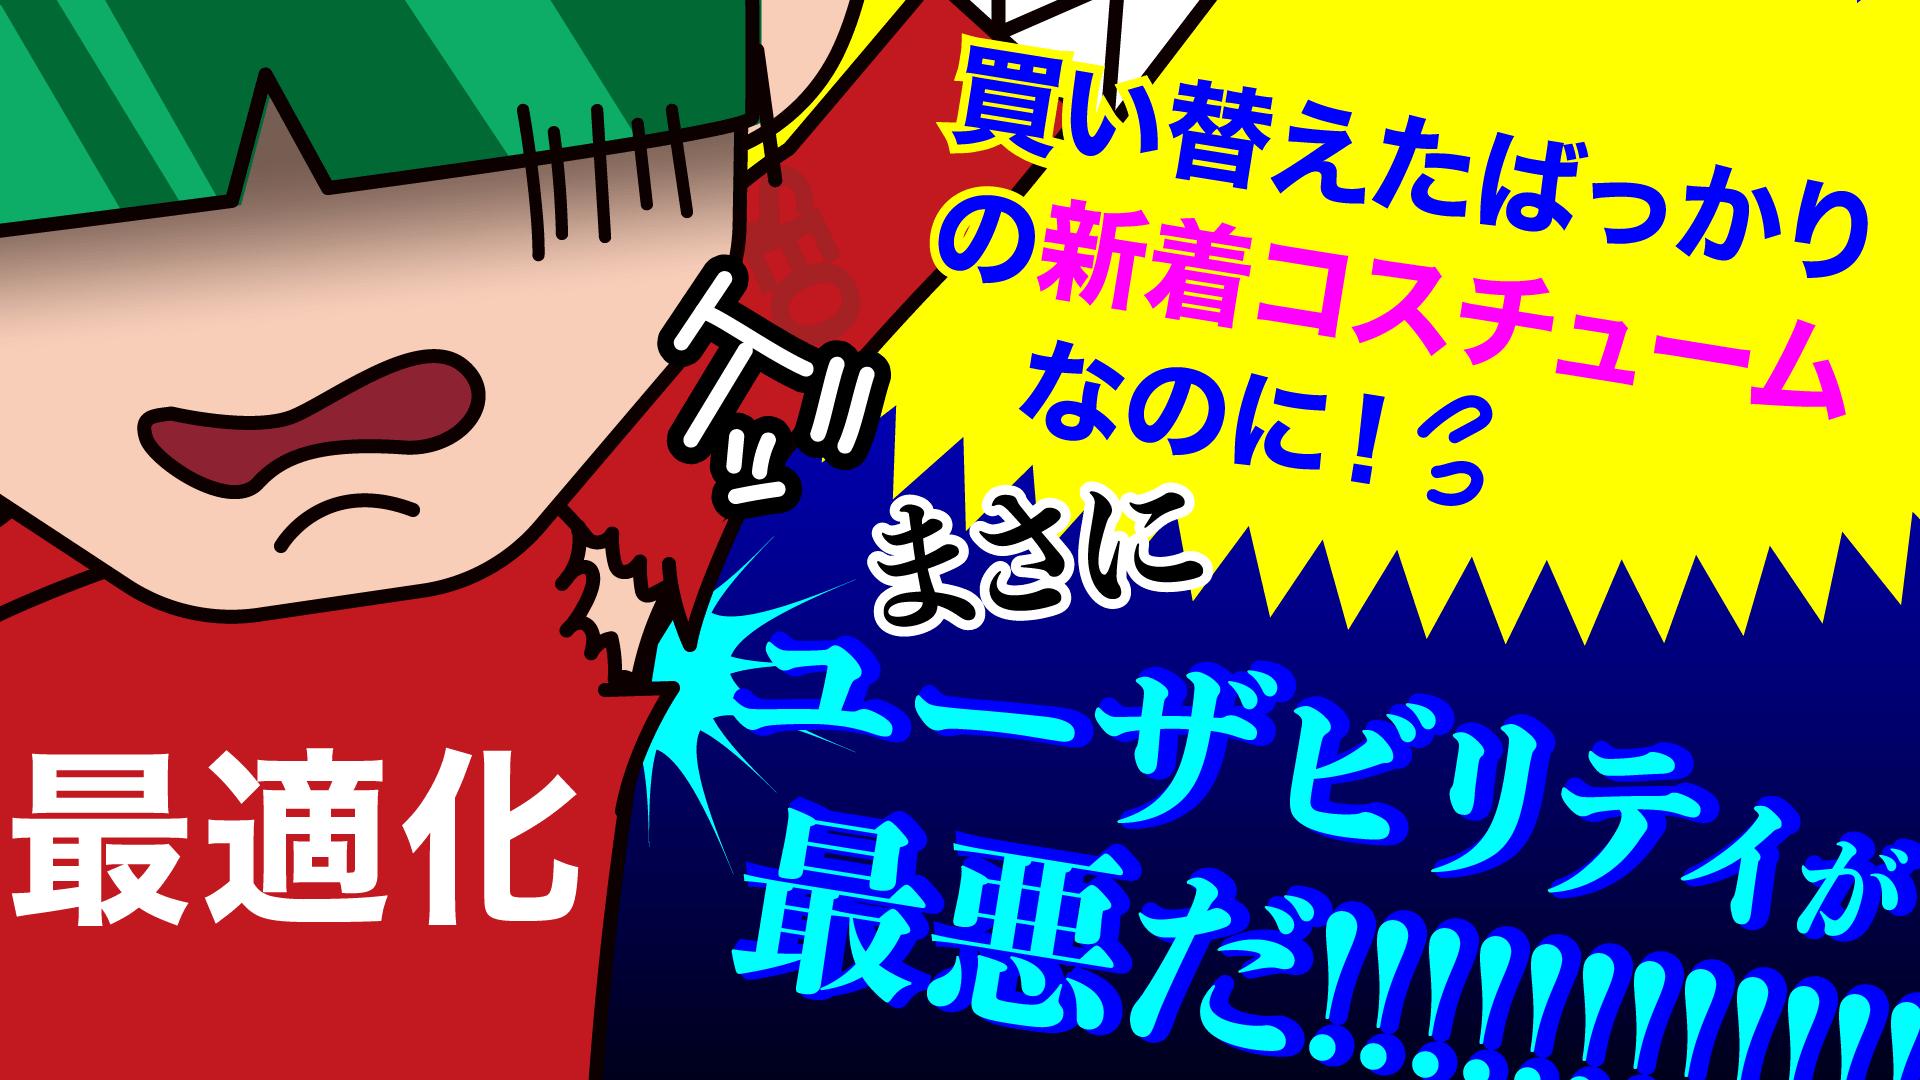 ユーザビリティ②‐漫画SEO用語集④